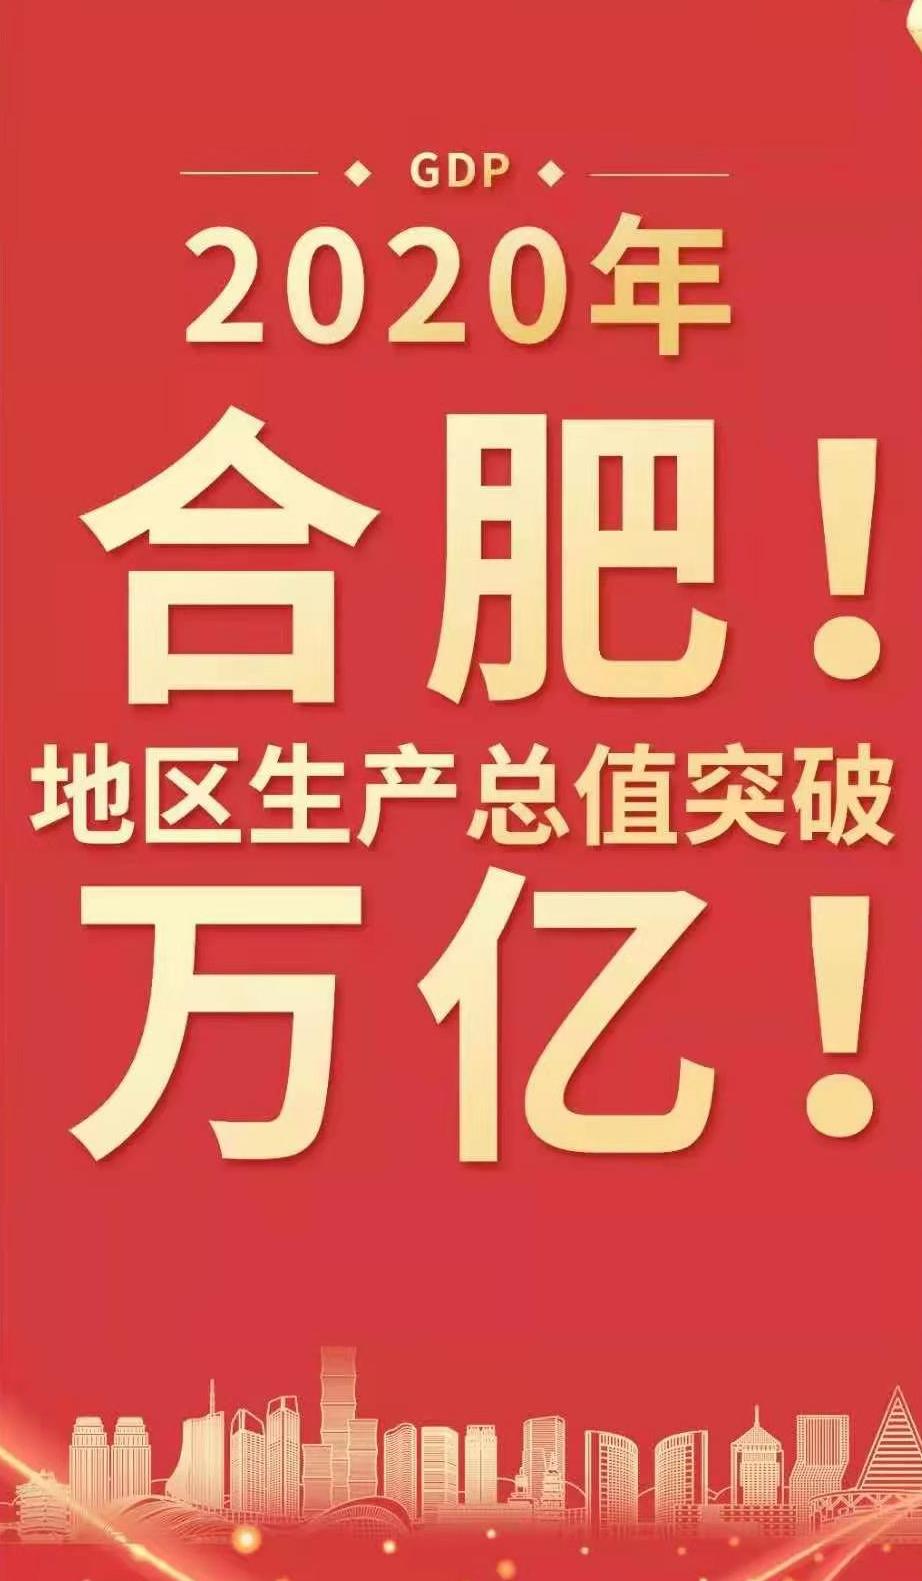 广东国际工业么样挂什的挂饰